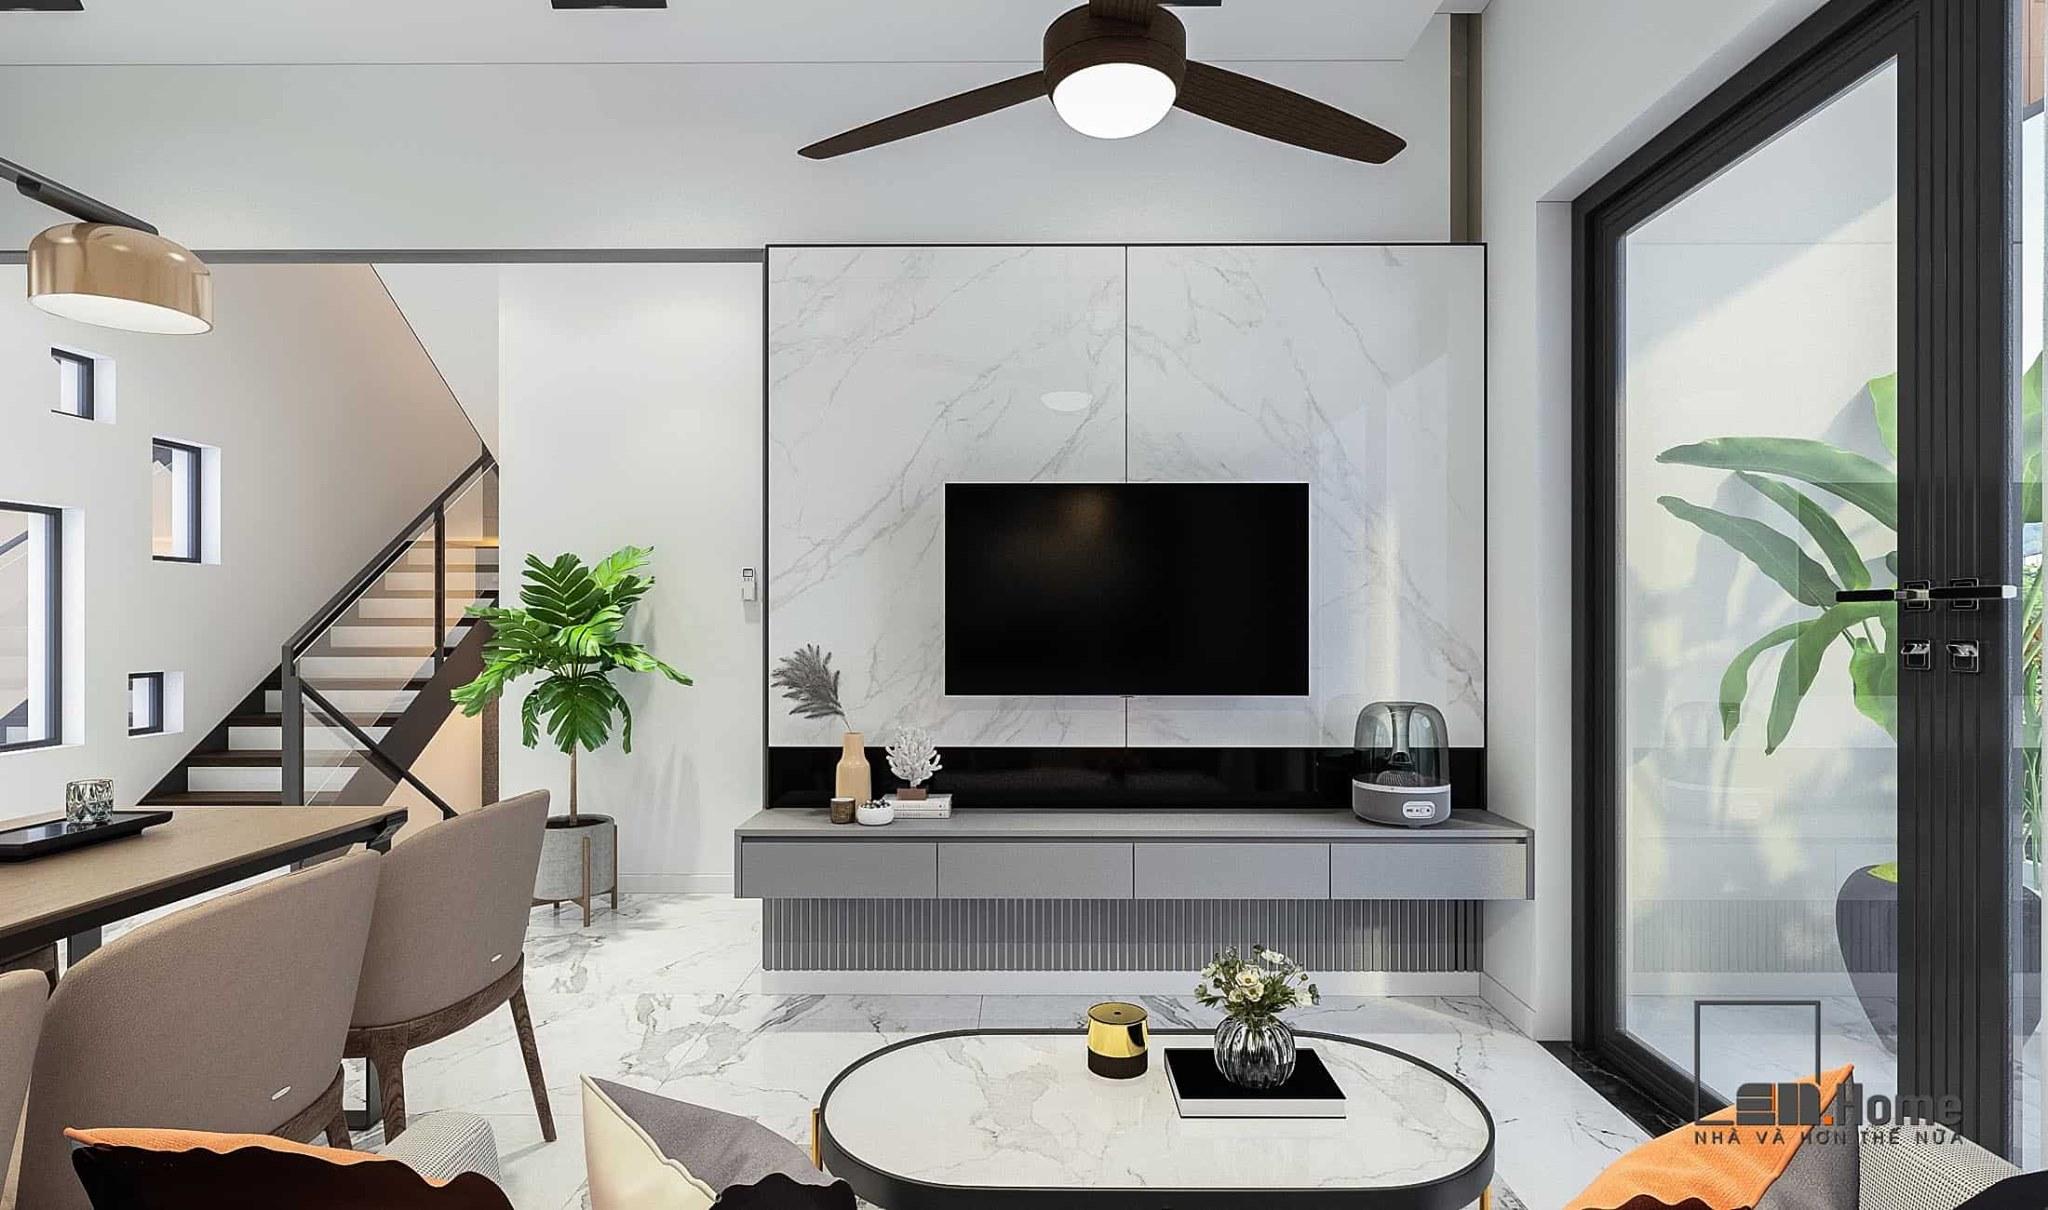 Thiết kế phòng khách thêm thanh thoát, sang trọng, ấn tượng với đá nhân tạo